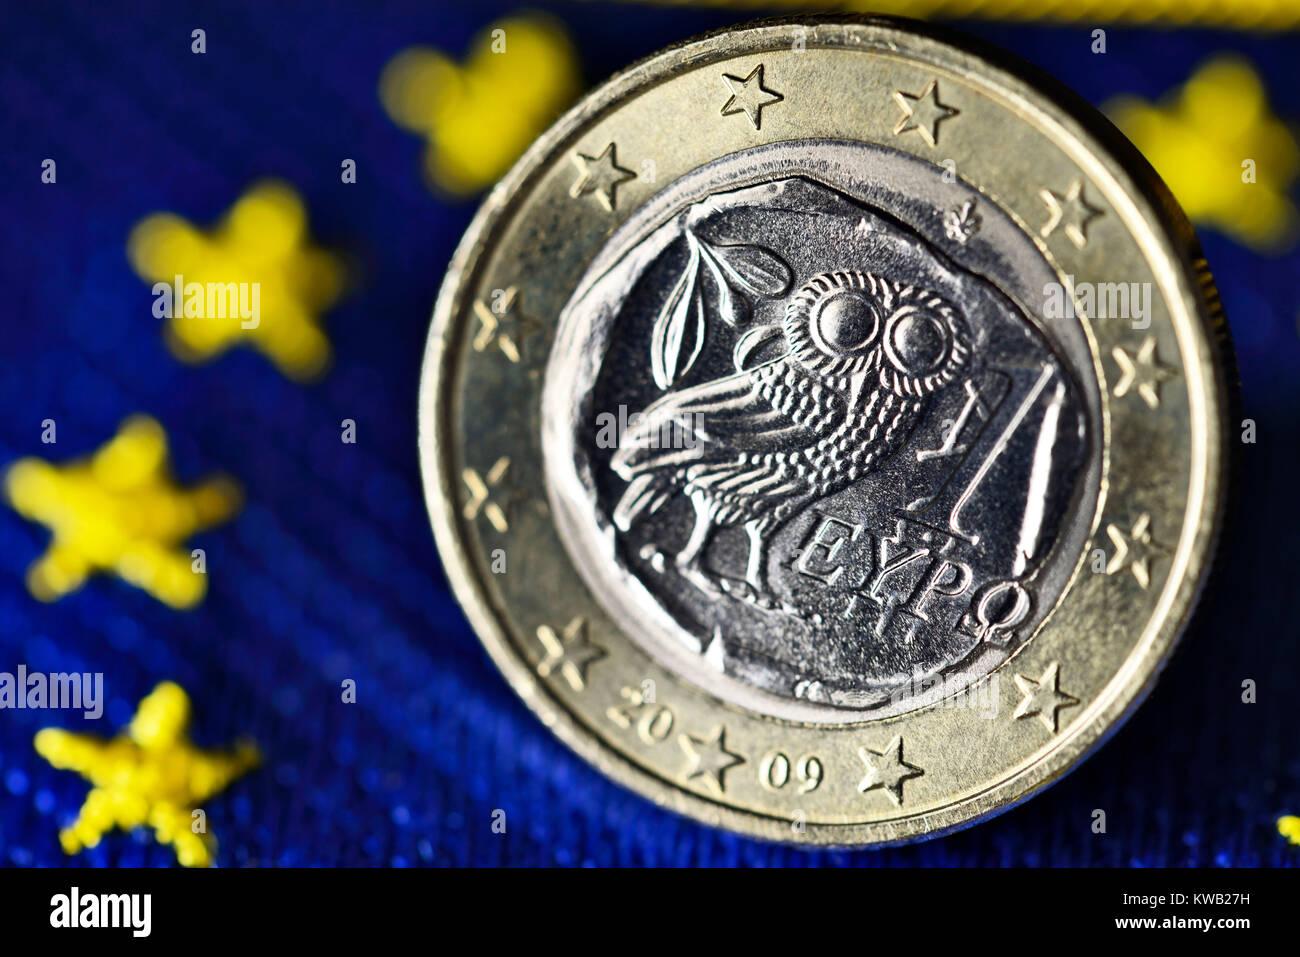 Greek euro-coin one on EU flag, Griechische Ein-Euro-M?nze auf EU-Fahne, Griechische Ein-Euro-Muenze auf EU-Fahne Stock Photo